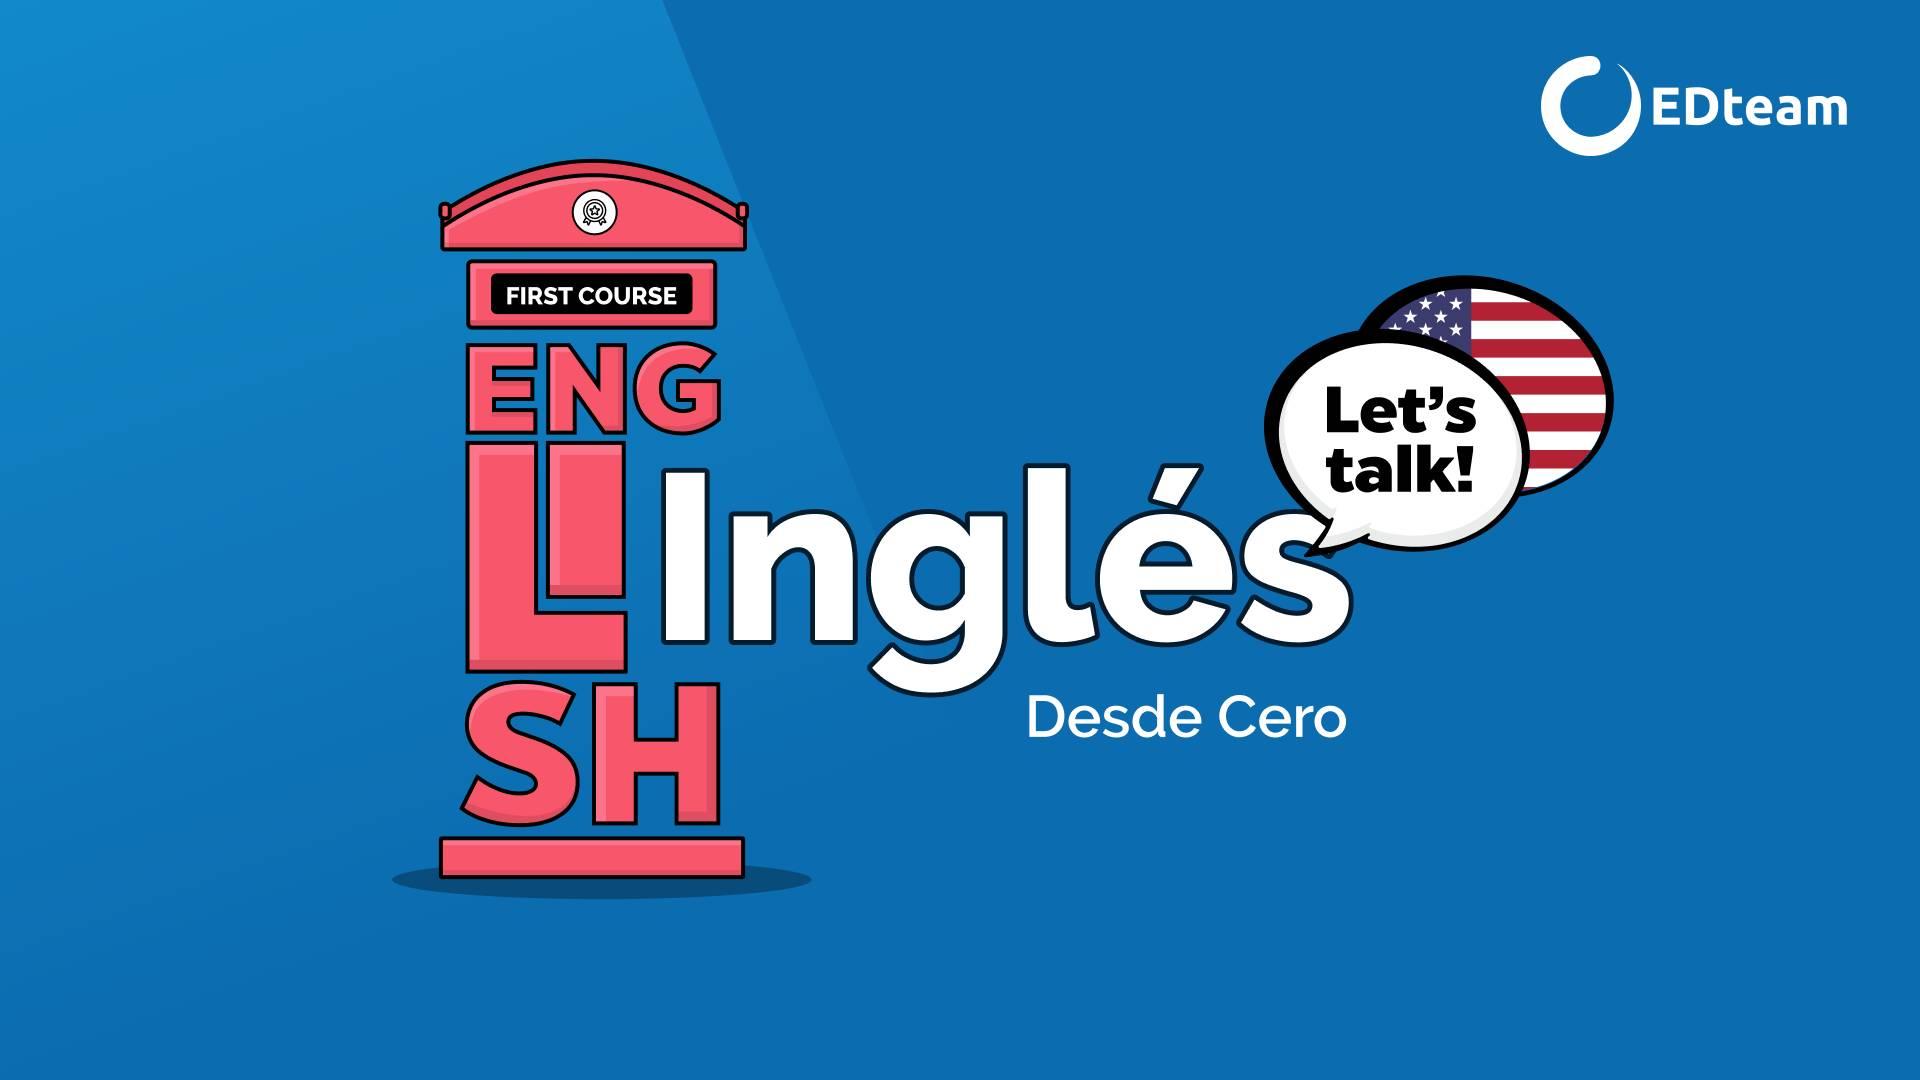 Curso de inglés desde cero